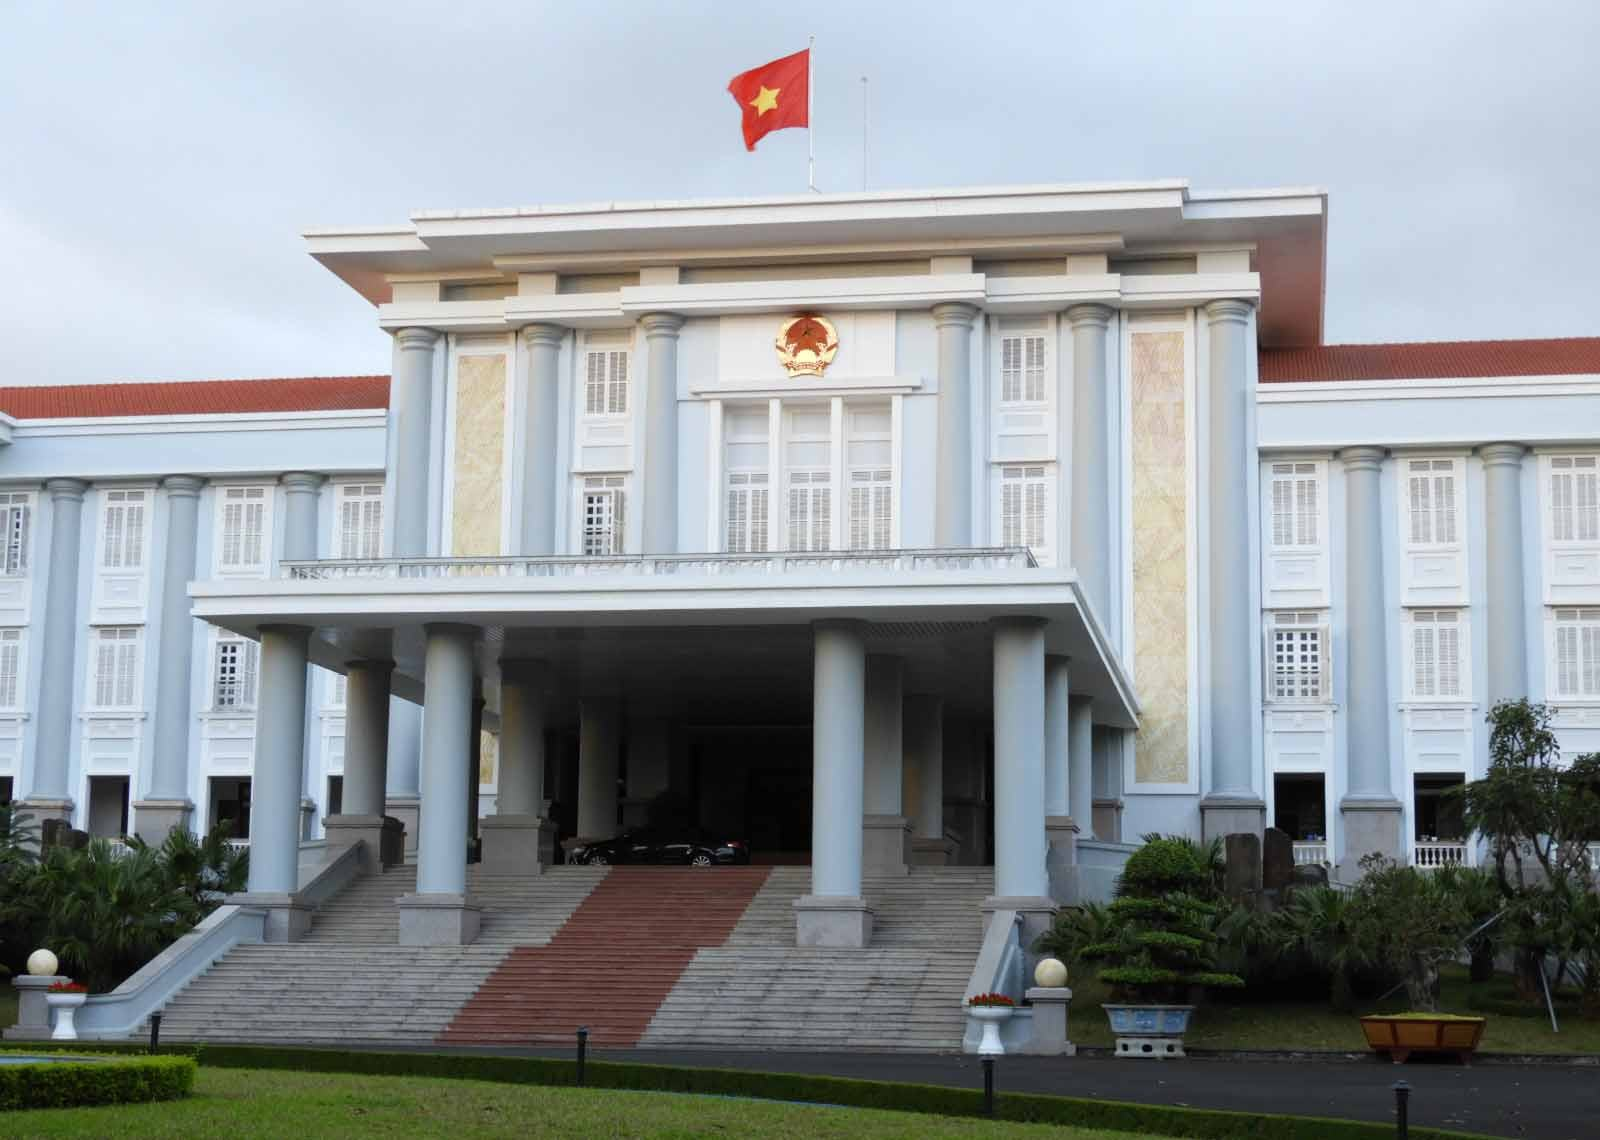 Điều chỉnh nhu cầu tuyển dụng và thời gian tiếp nhận Phiếu đăng ký dự tuyển công chức ở các cơ quan hành chính năm 2020 của tỉnh Gia Lai